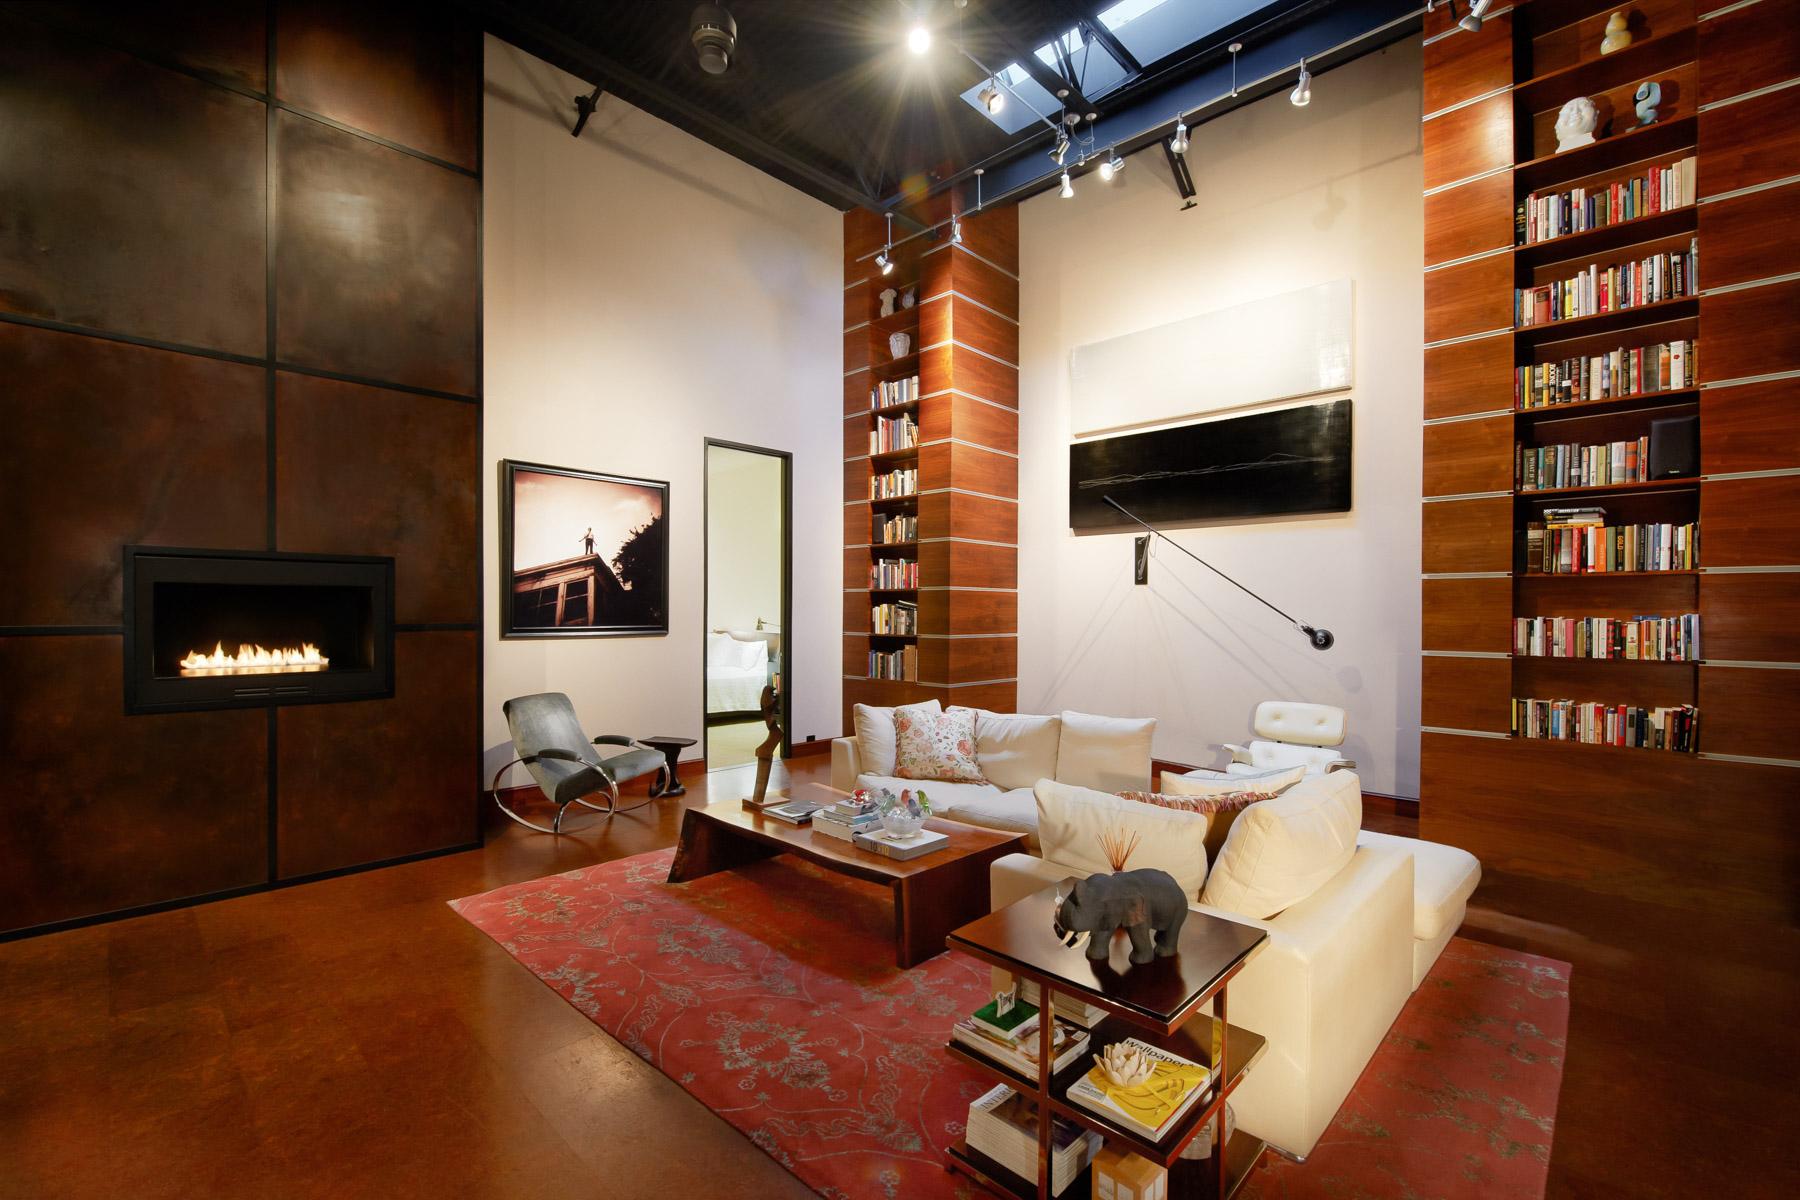 Частный односемейный дом для того Продажа на Live-Work-Play in the Dallas Design District 2278 Monitor Street, Dallas, Техас, 75207 Соединенные Штаты